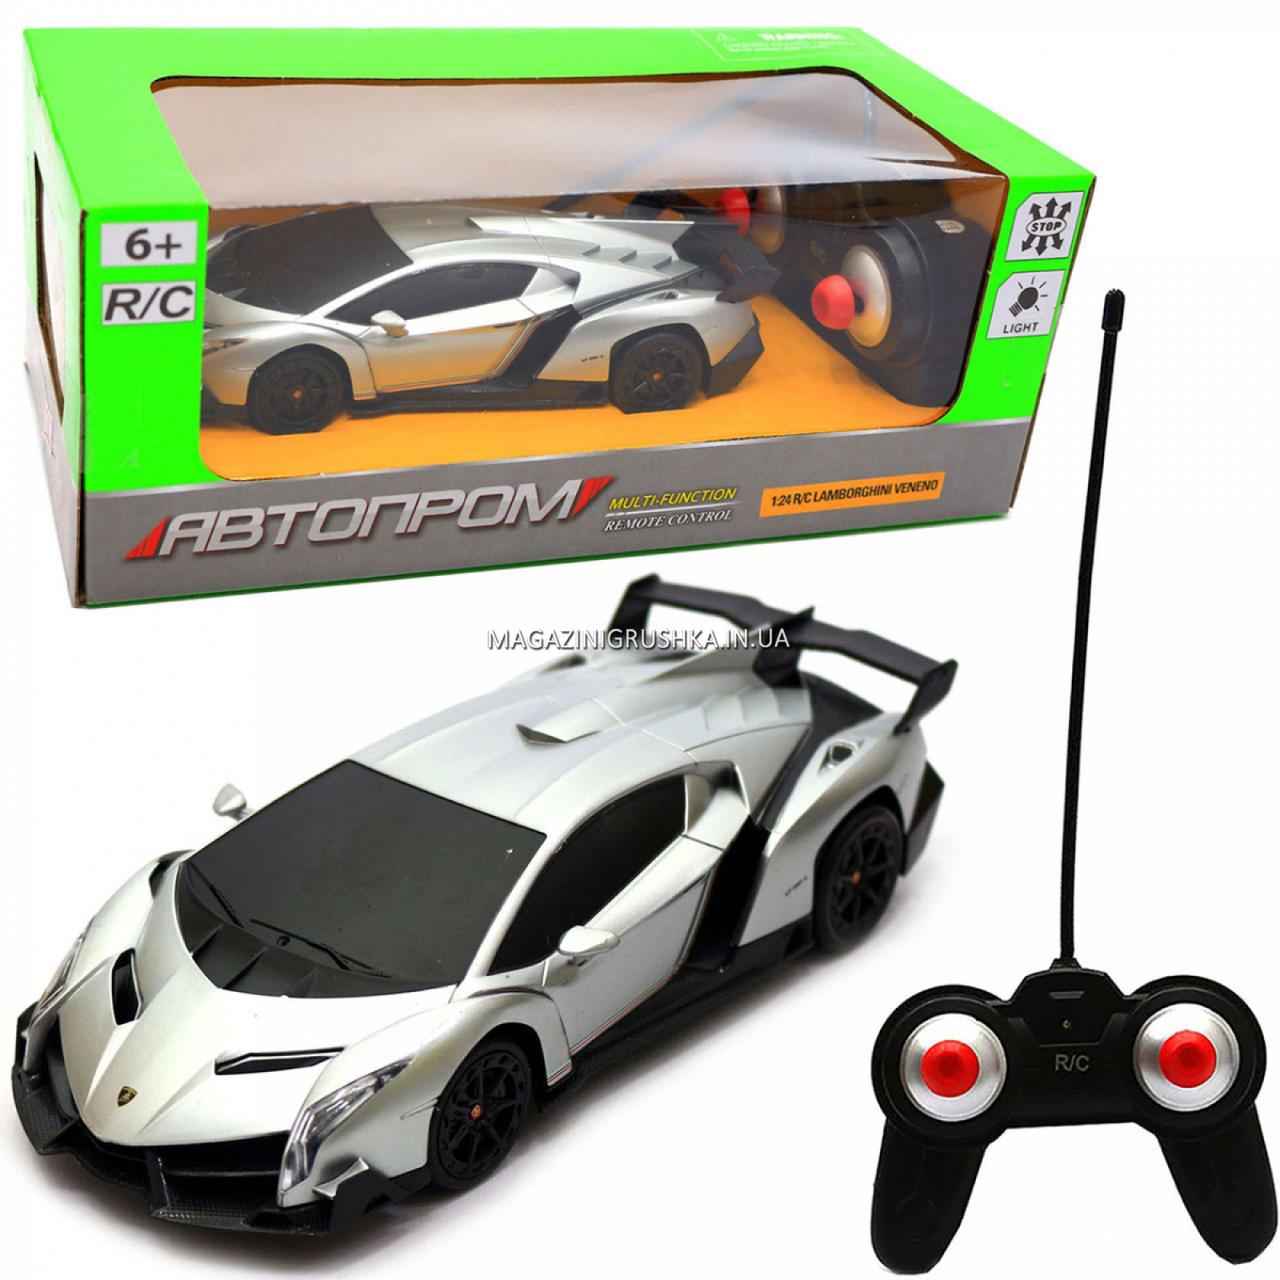 Машинка игровая автопром на радиоуправлении Lamborghini veneno (ламборджини) (8808)